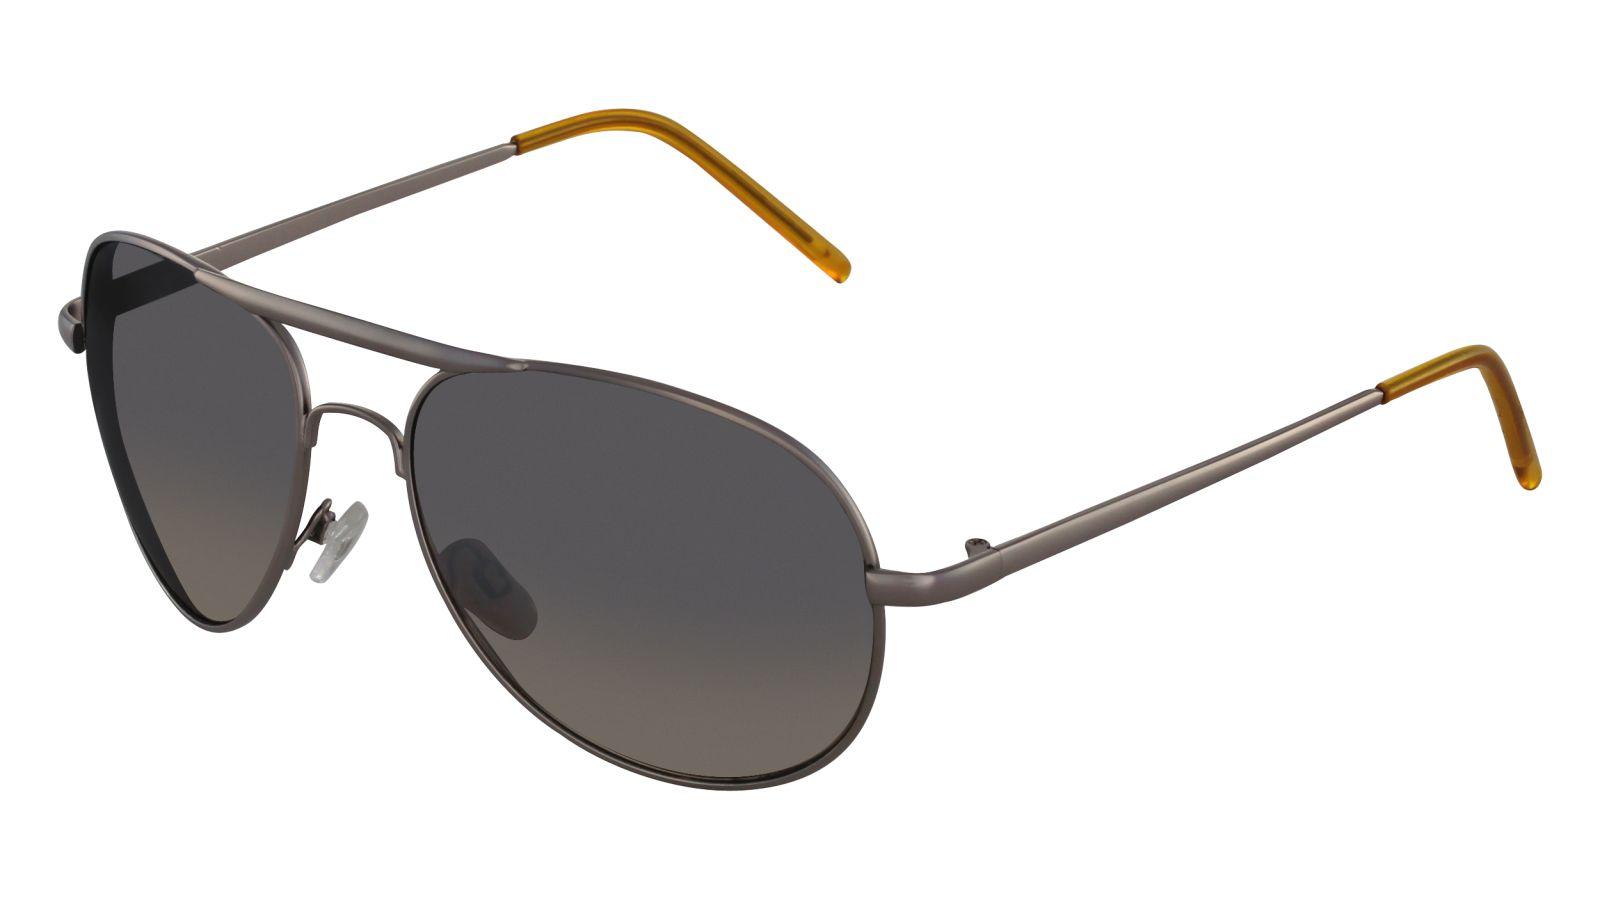 comment bien choisir ses lunettes de soleil conseil. Black Bedroom Furniture Sets. Home Design Ideas